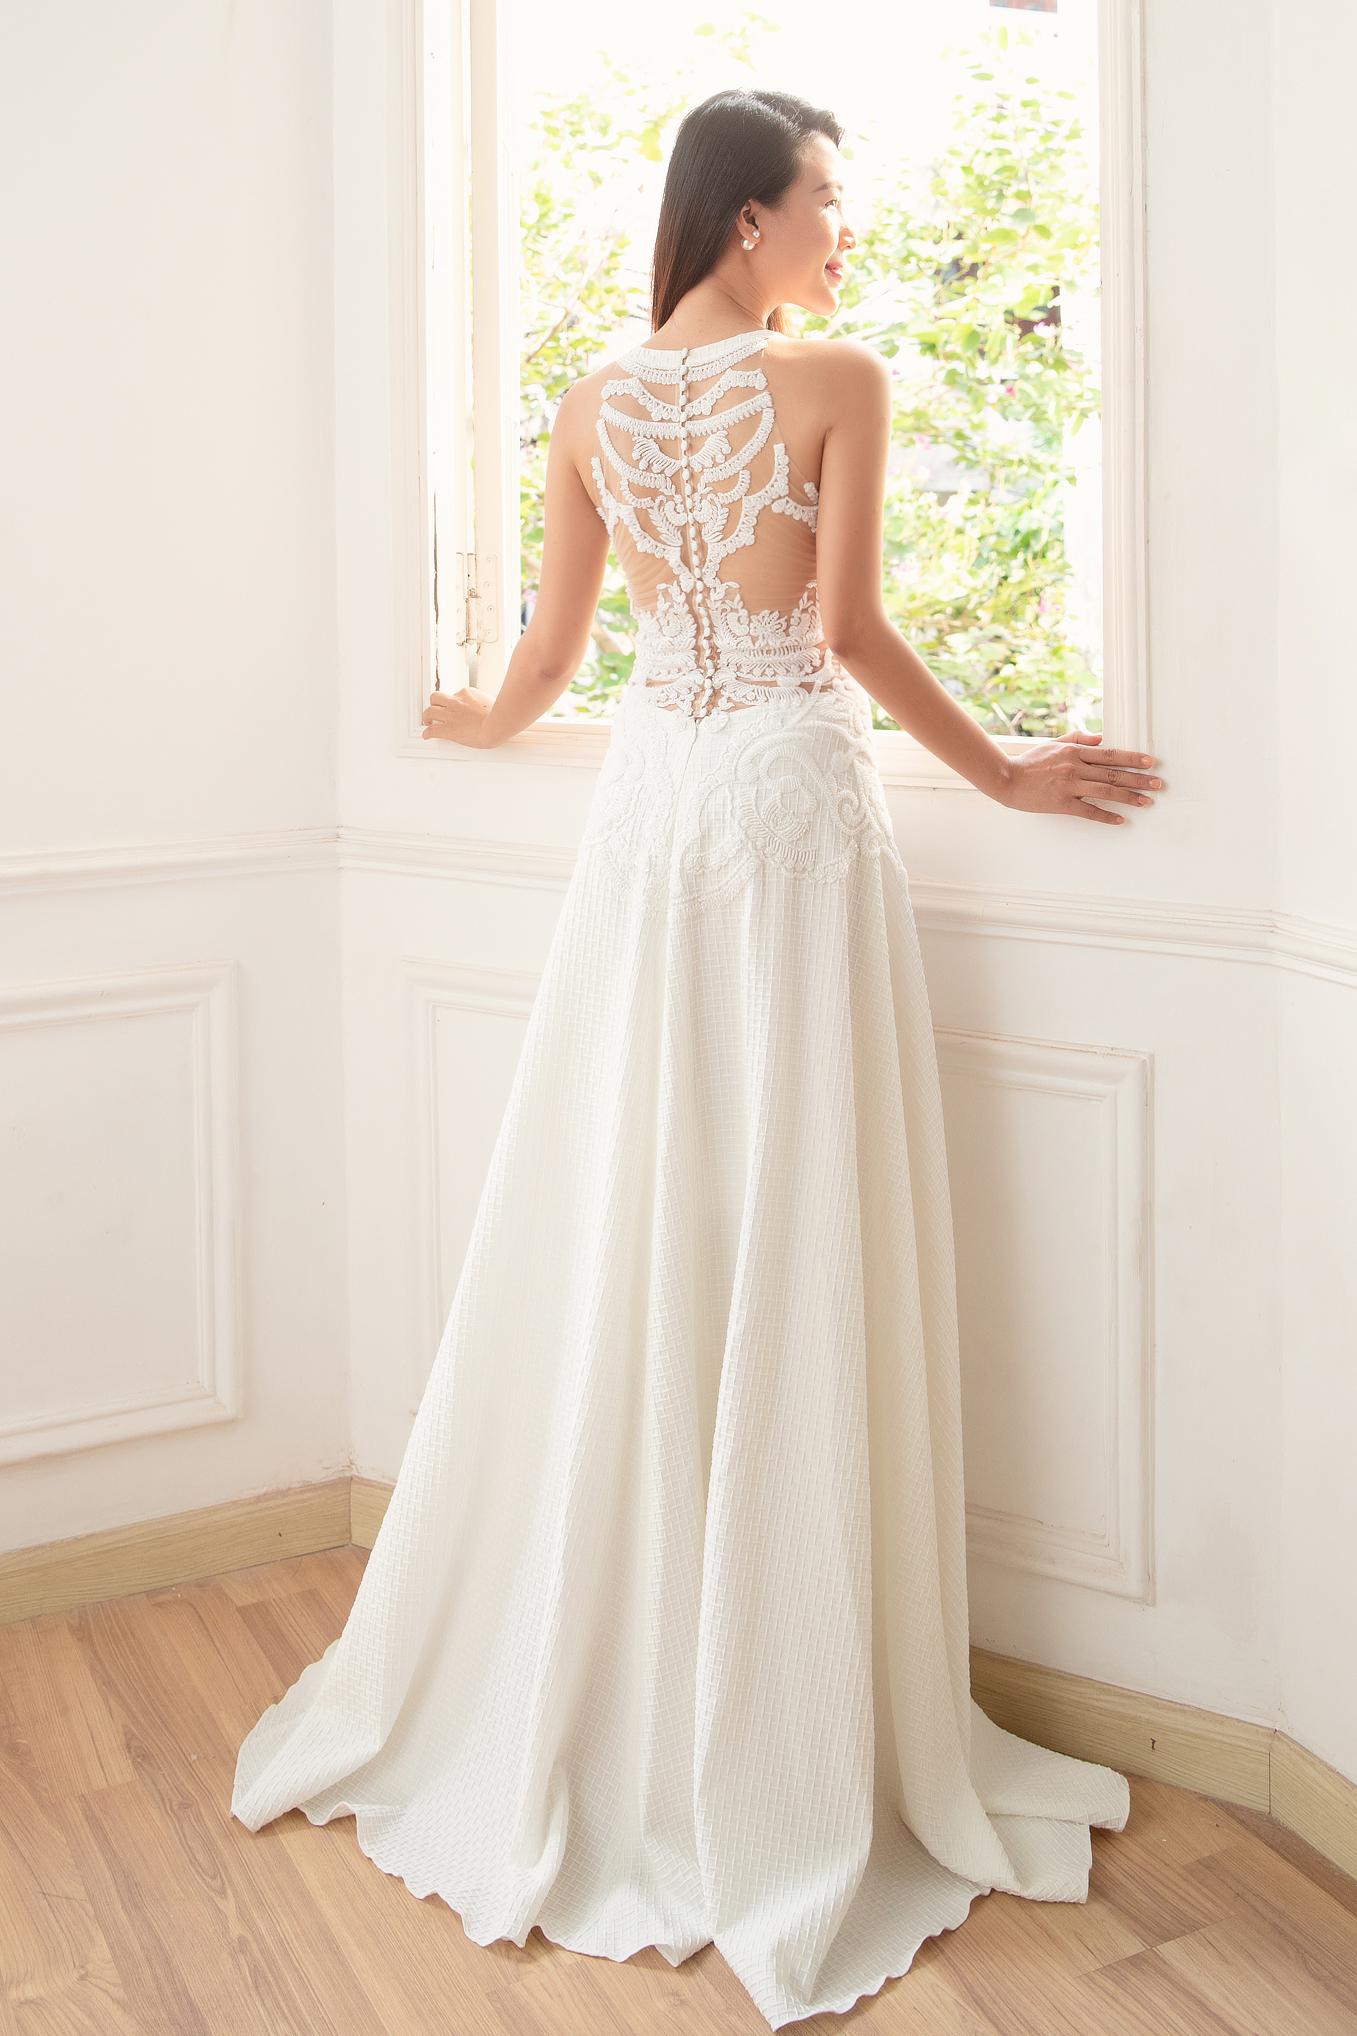 Gợi ý diện váy cưới xuyên thấu đẹp như Minh Hằng - 7